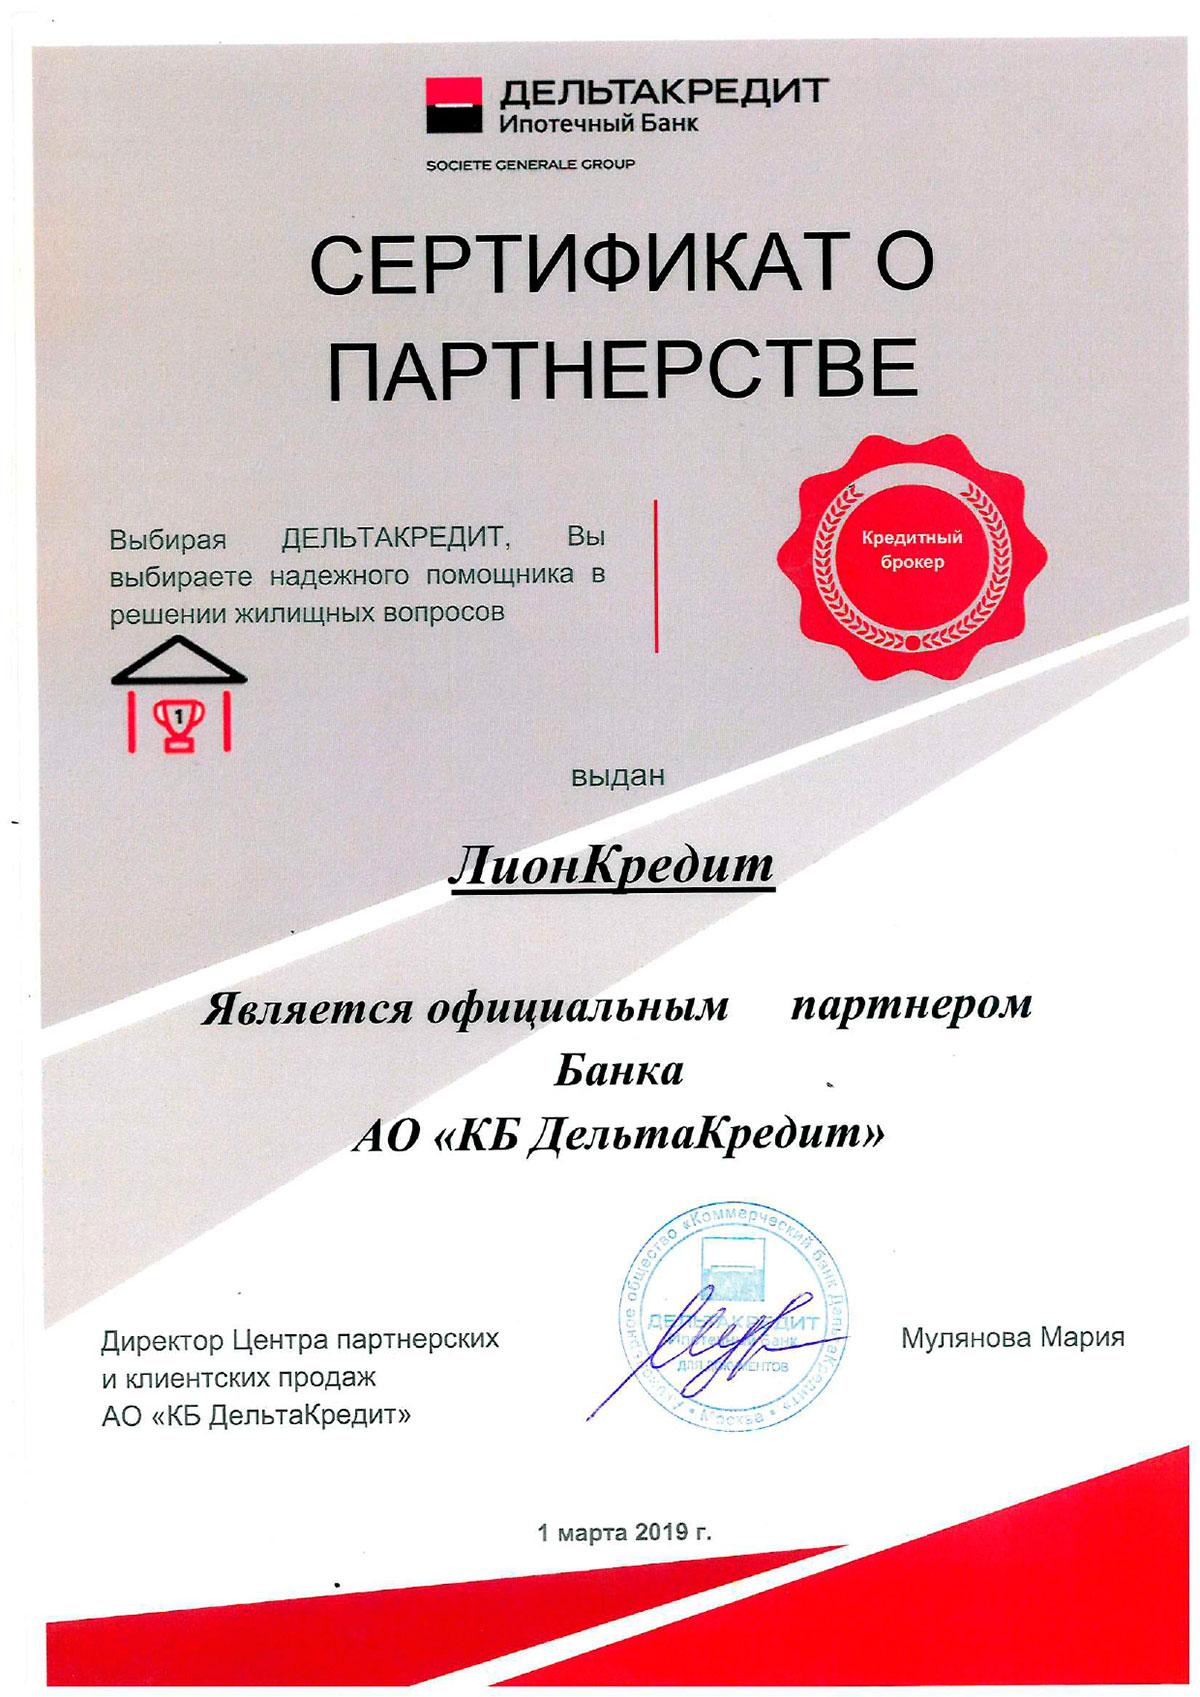 Сертификат о партнерстве Дельта